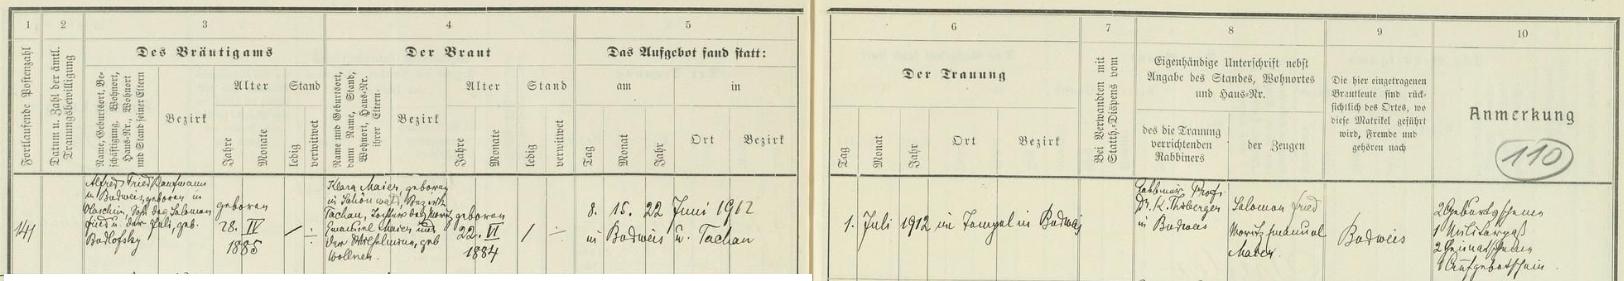 """Podle tohoto německy psaného záznamu českobudějovické židovské matriky se 1. července roku 1912 konala ve zdejší synagoze (""""im Tempel in Budweis"""") svatba jeho rodičů: Alfred Fried, obchodník v Českých Budějovicích, narozený 28. dubna roku 1885 ve Vlašimi, syn Salomona Frieda a Juli, roz. Budlofsky, si tu bral za ženu Klaru Maierovou, narozenou 22. června 1884 v Schönwaldu (dnes Lesná), okr. Tachov, jako dcera Moritze Emanuela Maiera a jeho ženy Wilhelminy, roz. Wollnerové - svatební obřad provedl rabín prof.Dr. Karl Thieberger, svědky byli Salomon Fried a Moritz Emanuel Maier"""